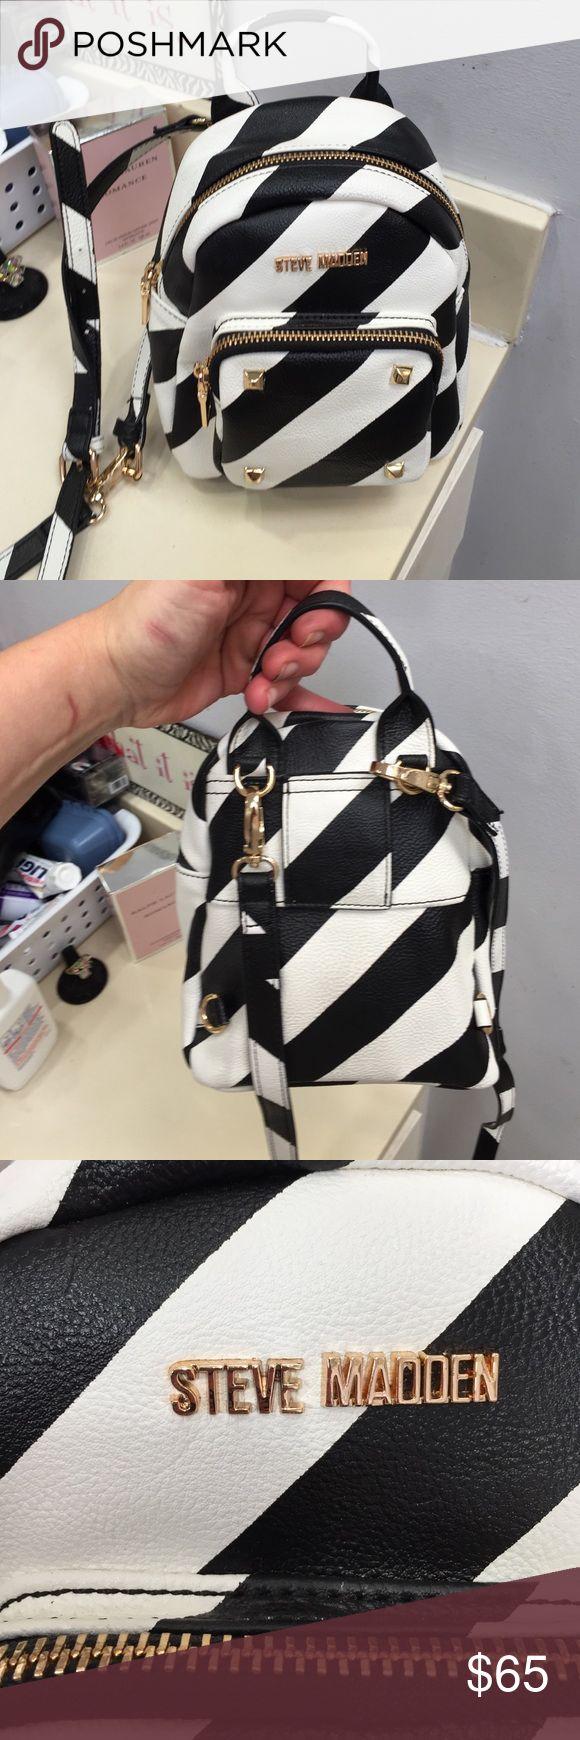 Steve Madden Striped Backpack Purse Brand new without tags. Steve Madden Black & White Striped Backpack Purse. Gold Hardware. Adorable Steve Madden Bags Backpacks